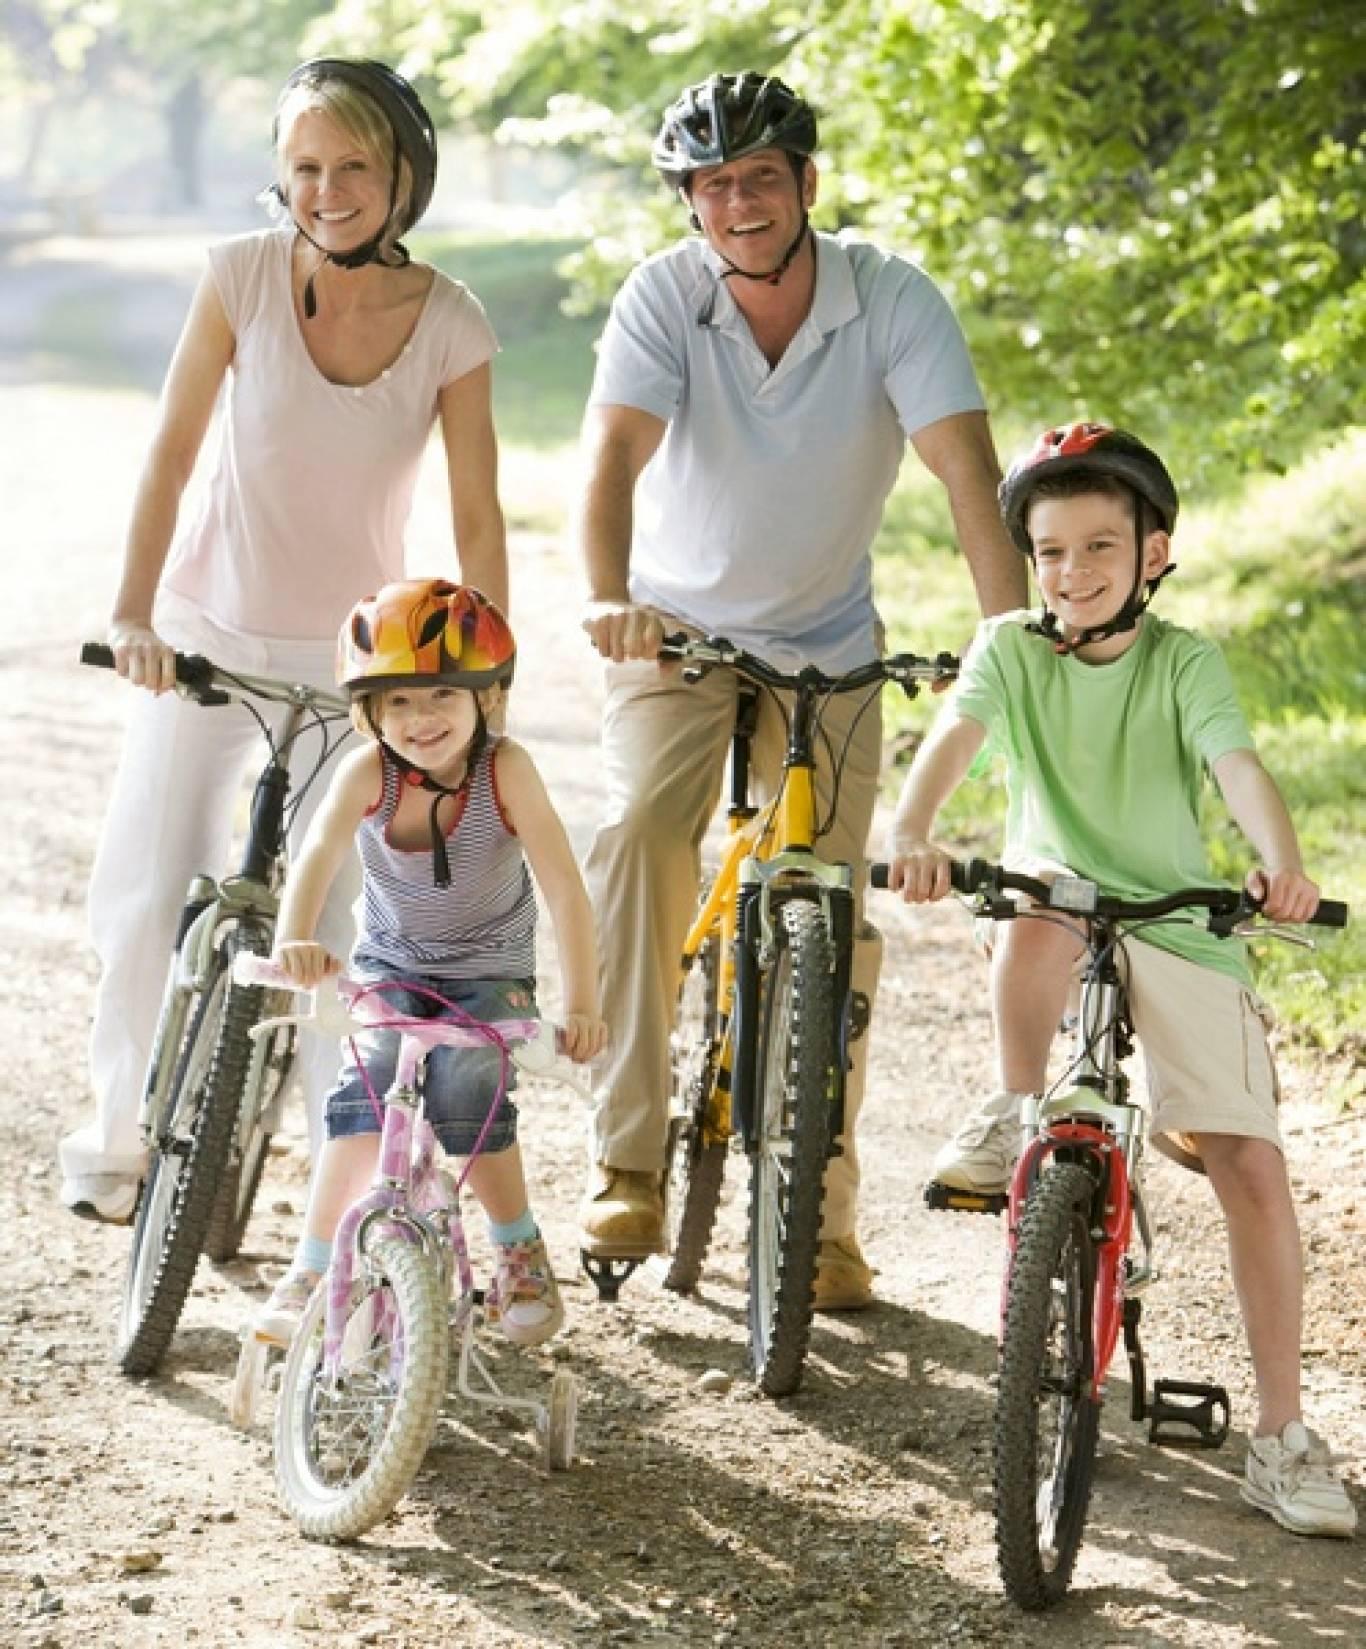 Магазин «Байкмотив»: відкрито «Прокат велосипедів»